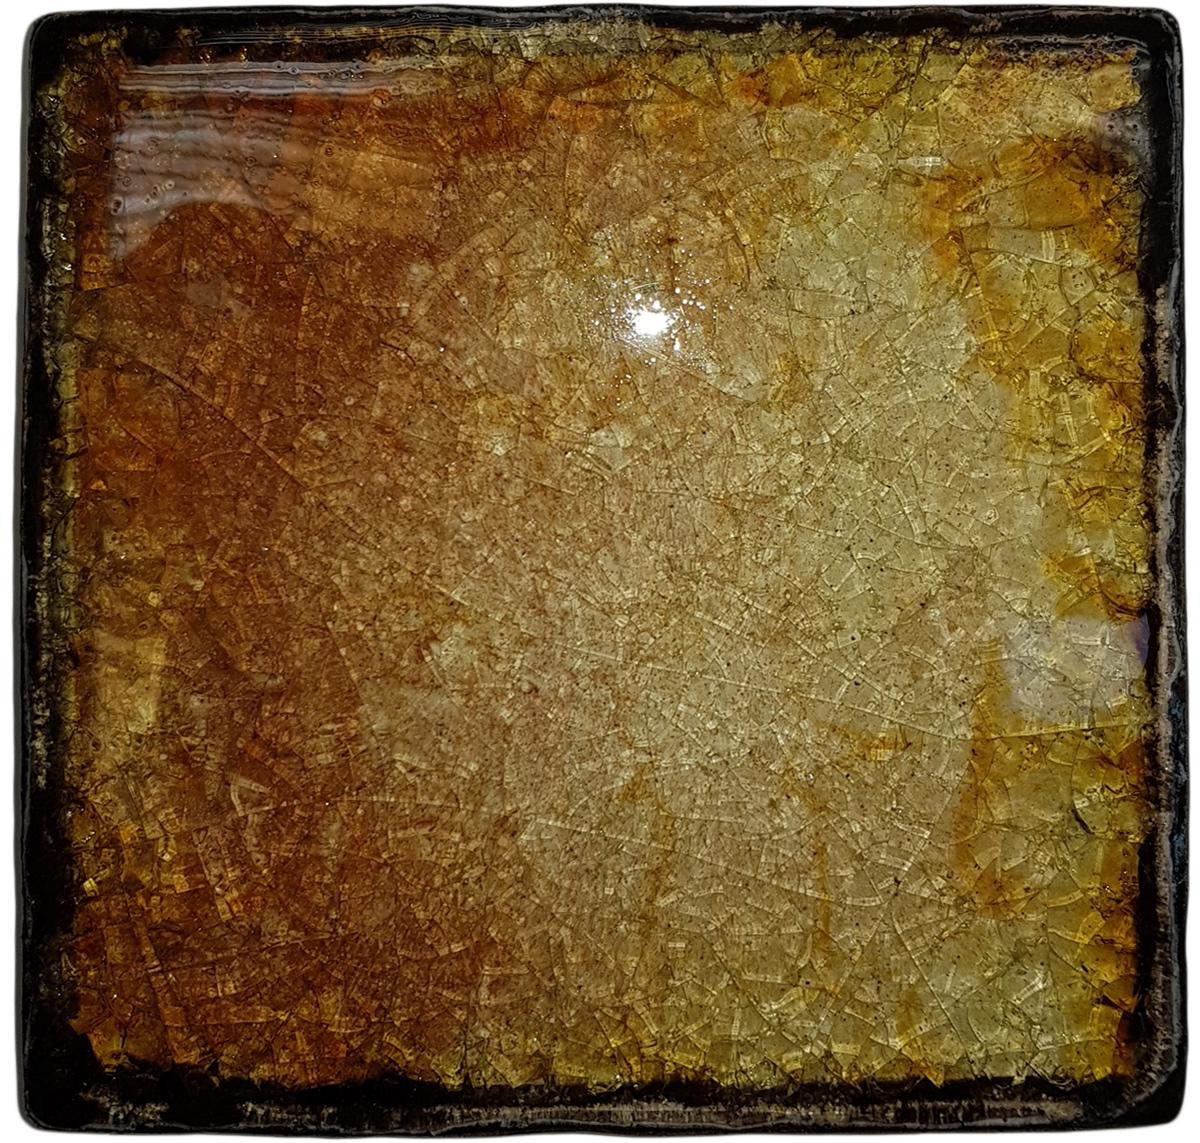 Керамическое панно ZORA Витражная мозаика, 15,2 х 15 см. Авторская работа. ZS-PL-SM2ZS-PL-SM2Керамическое панно ZORA Витражная мозаика, размер: 15,2х15 см. Авторская работа.Товар может быть использован как панно, подставка под горячее, плитка для украшения уличных мангалов и беседки.Цветное стекло, три обжига, шамот.